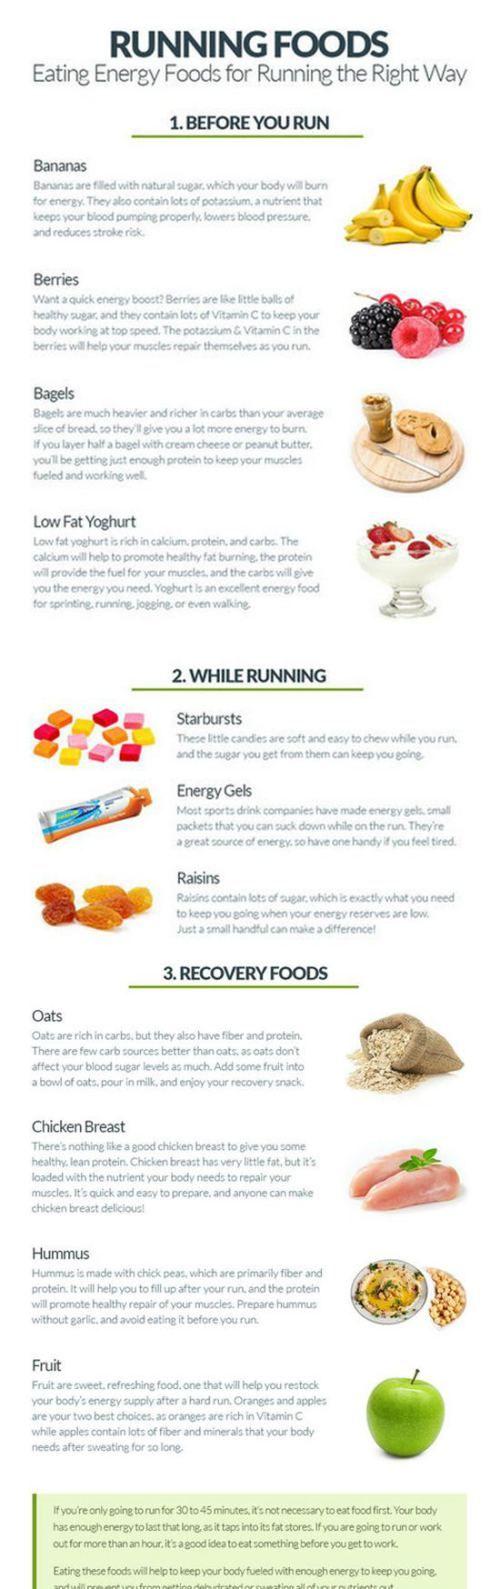 Running Foods